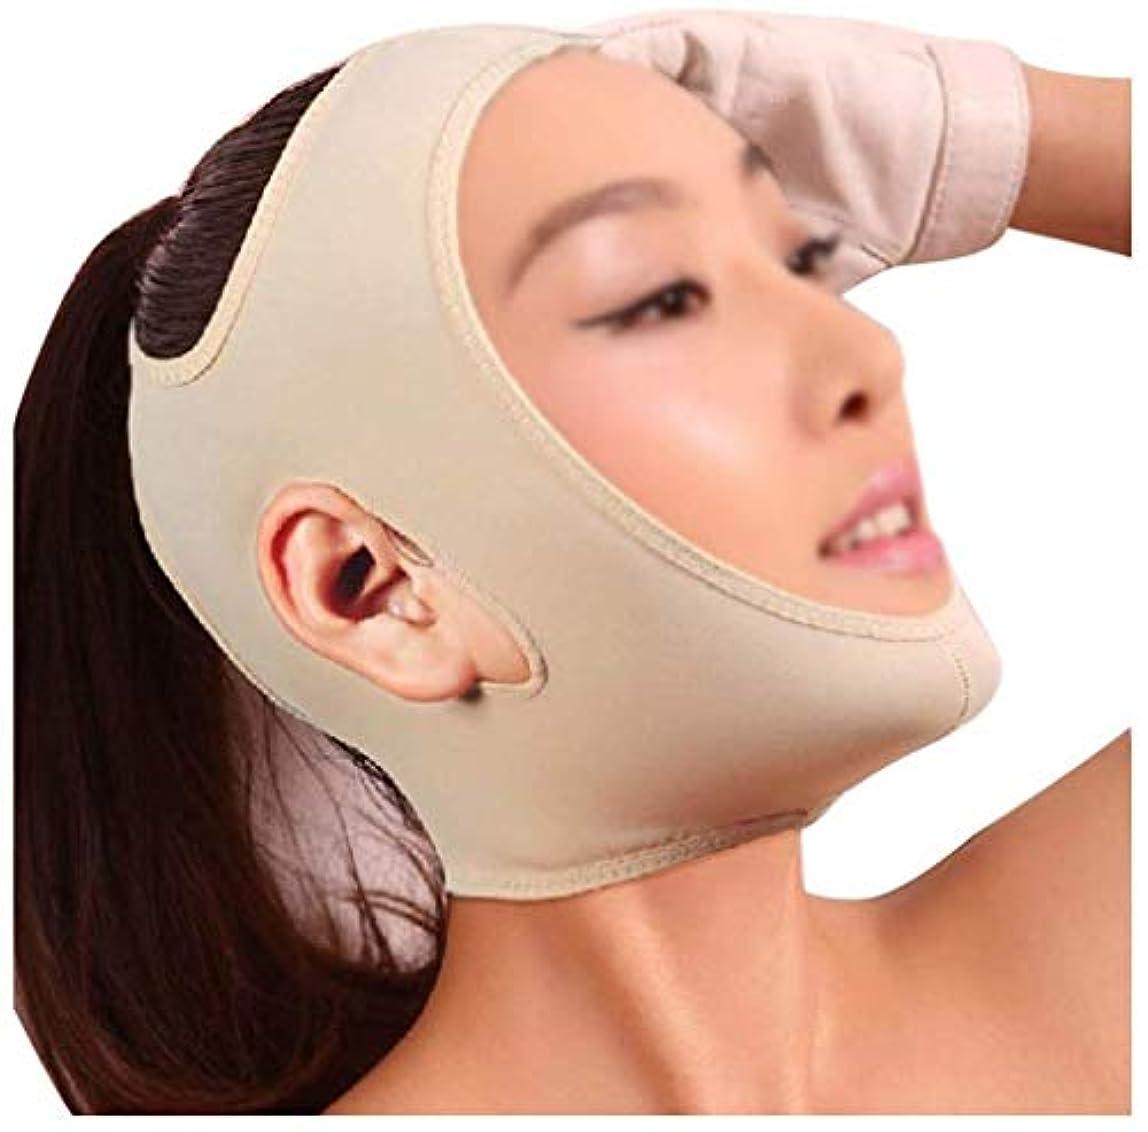 形状値する億スリミングVフェイスマスク、ファーミングフェイスマスク、リフティングアーティファクト脂肪吸引術脂肪吸引術術後整形ダブルチンビューティーマスクフード(サイズ:M)